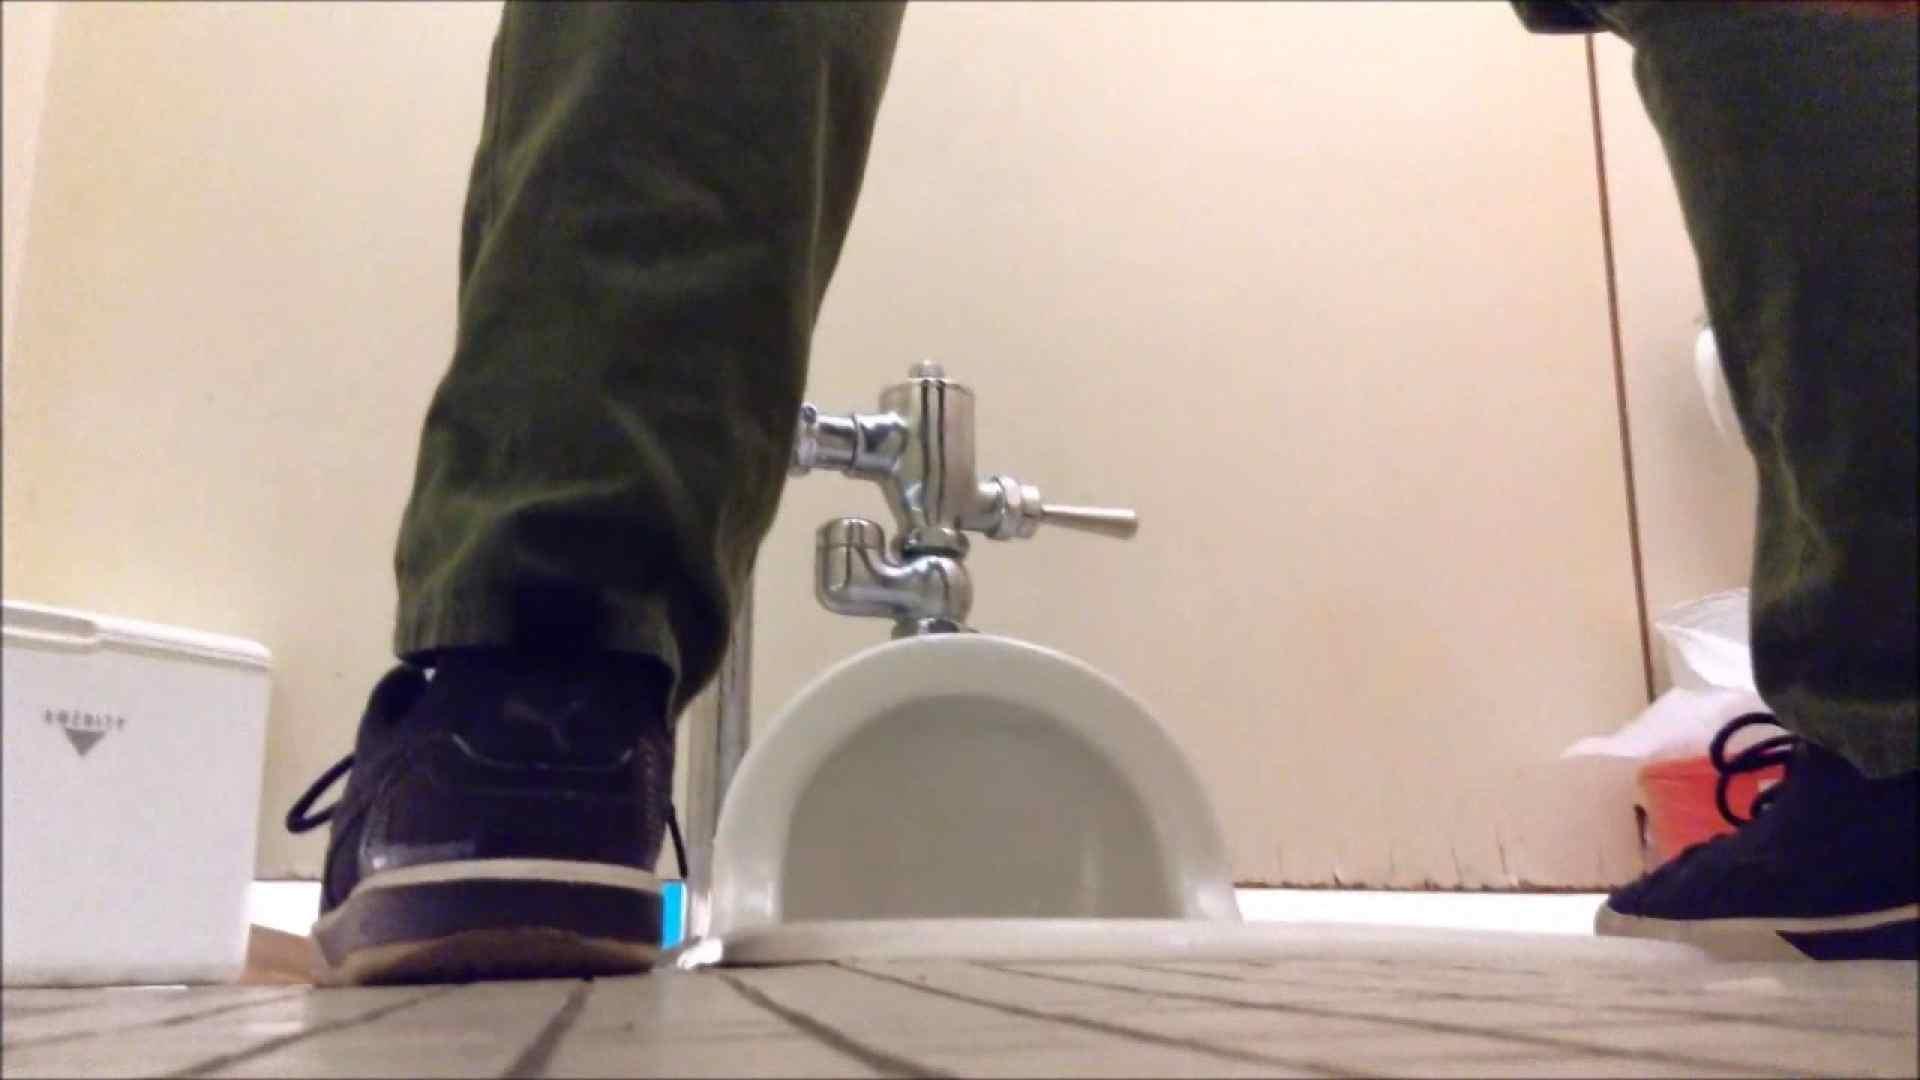 某有名大学女性洗面所 vol.12 ギャルズ オマンコ動画キャプチャ 96画像 29